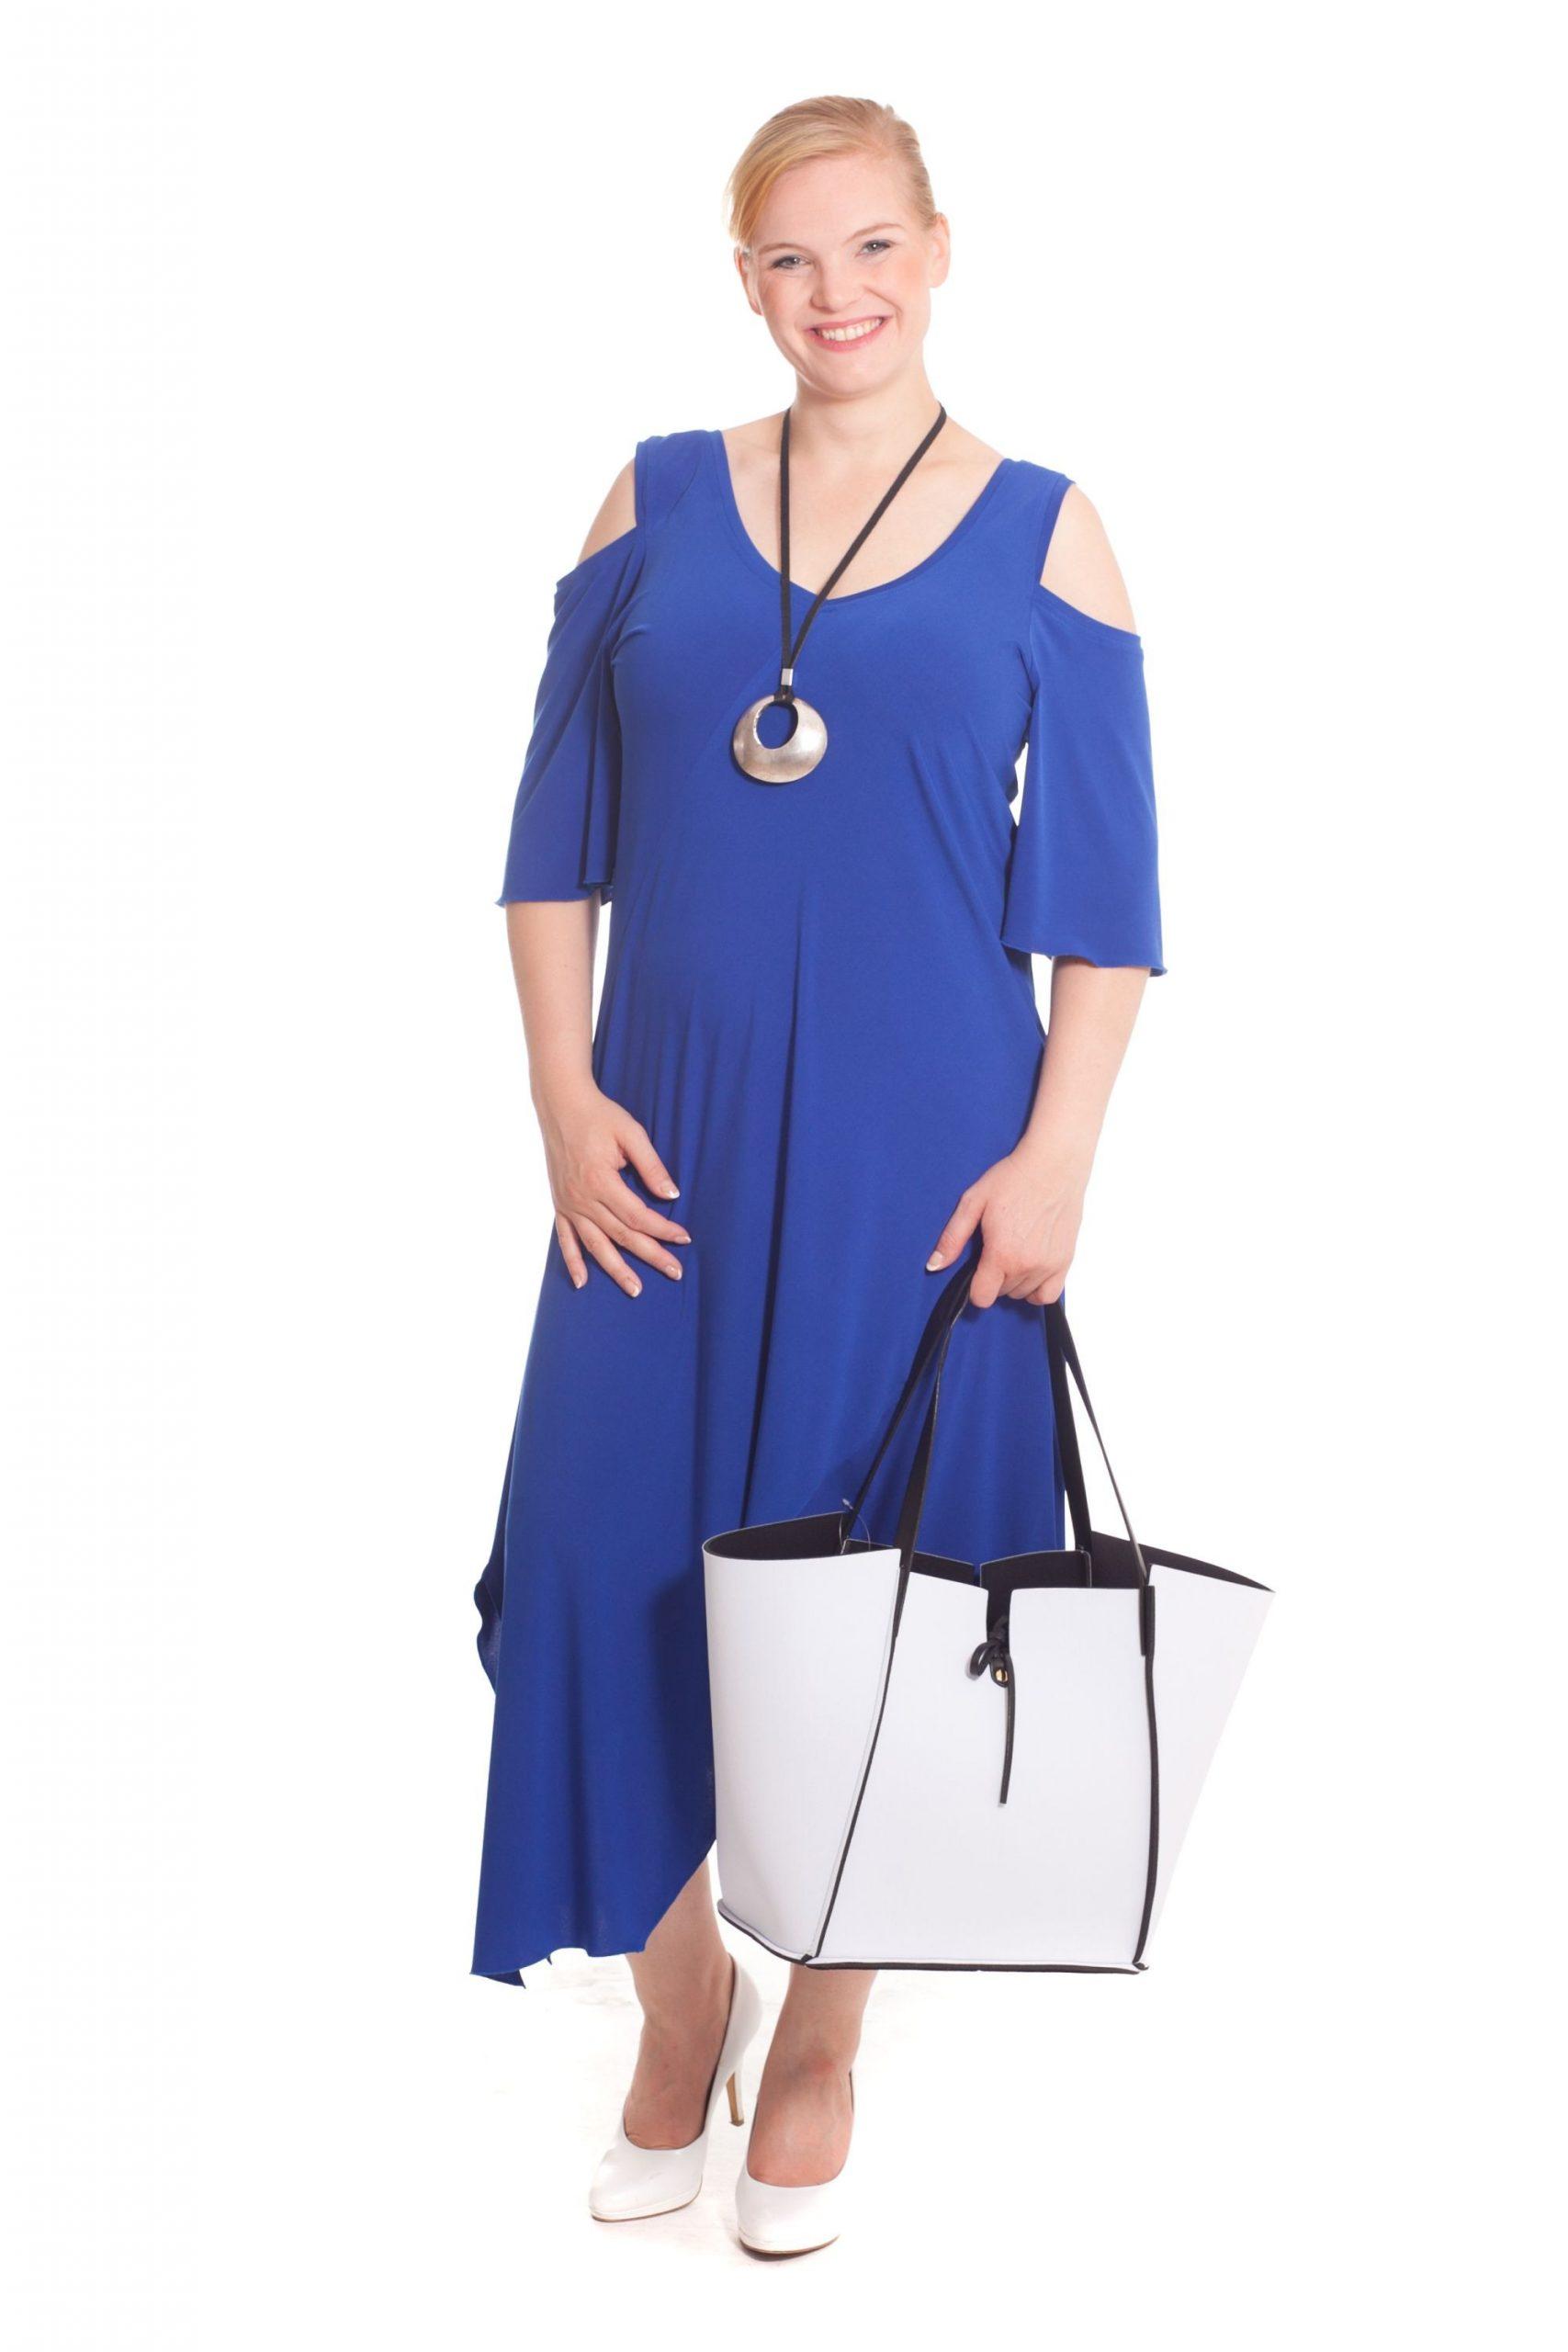 13 Luxus About You Abendkleider Große Größen DesignDesigner Elegant About You Abendkleider Große Größen Spezialgebiet